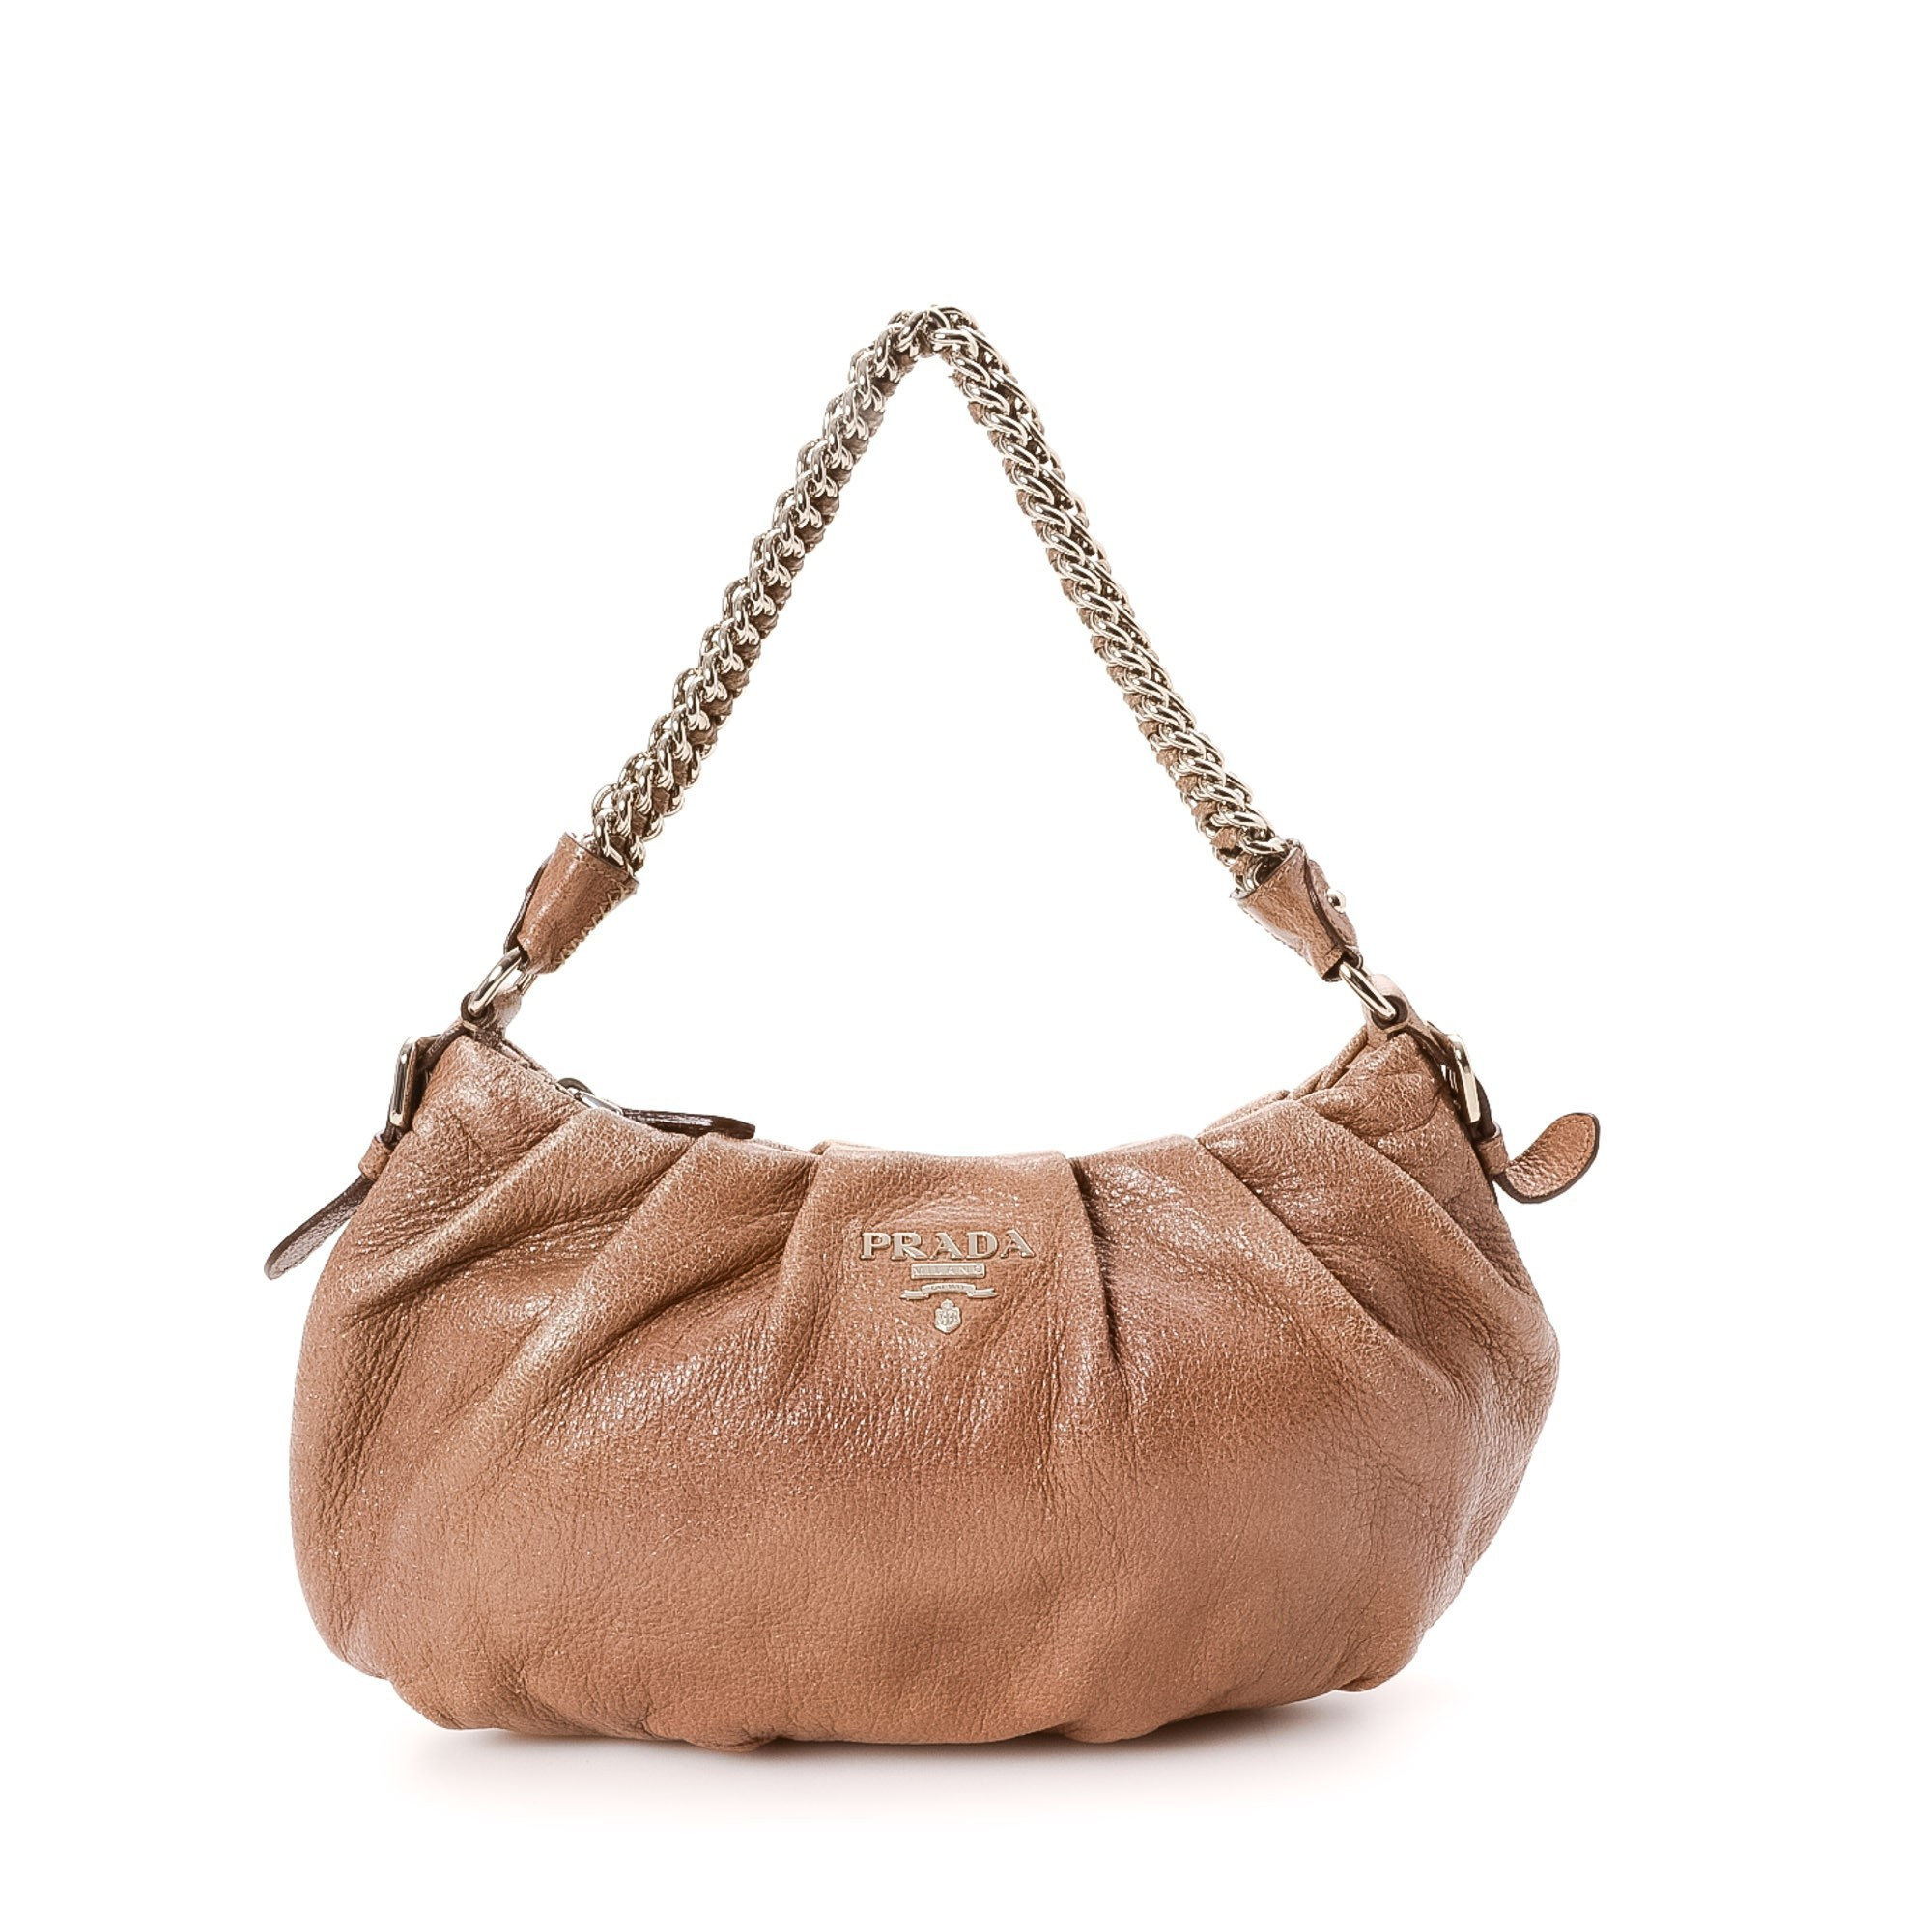 Prada Chain Shoulder Bag Brown Leather Shoulder Bag LXRCO